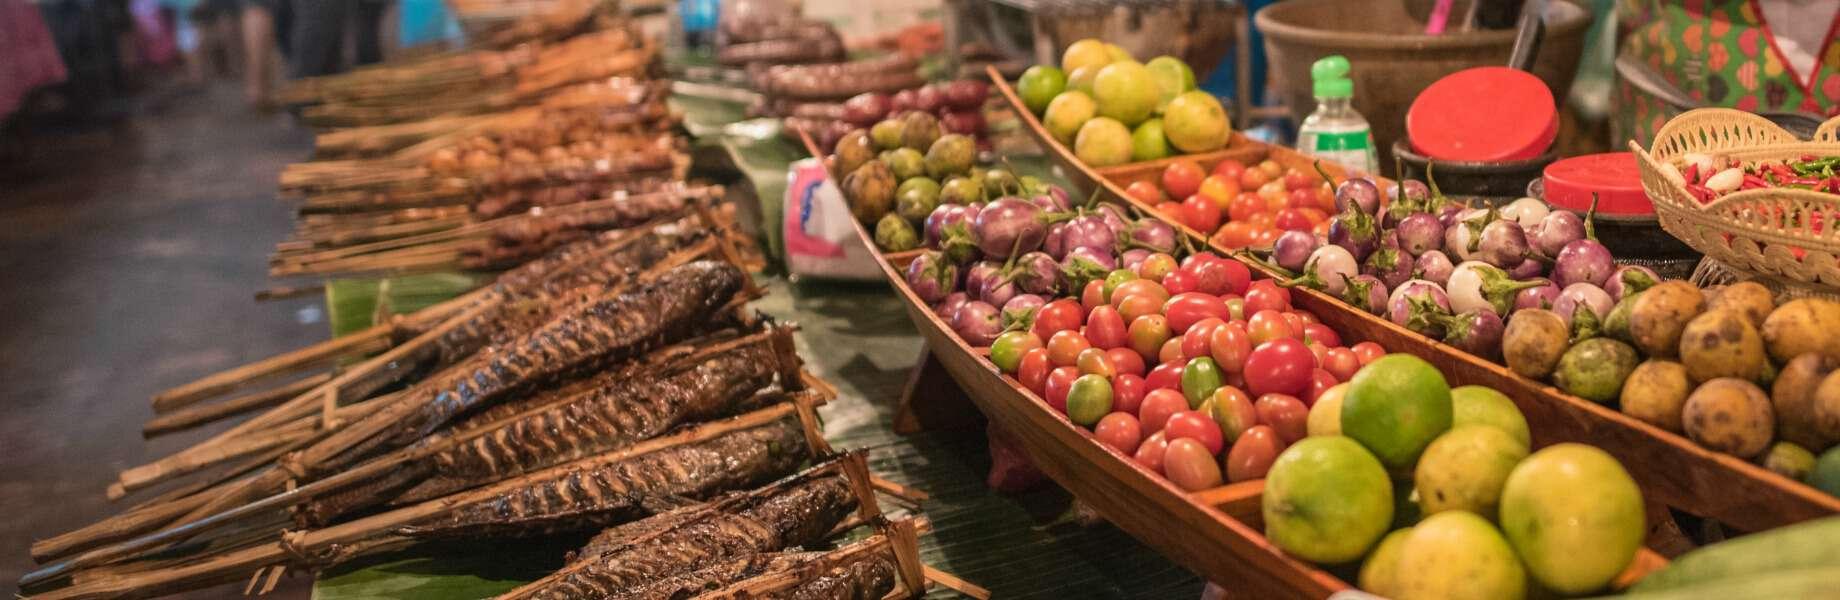 Luang Prabang Family Holiday - Local Market